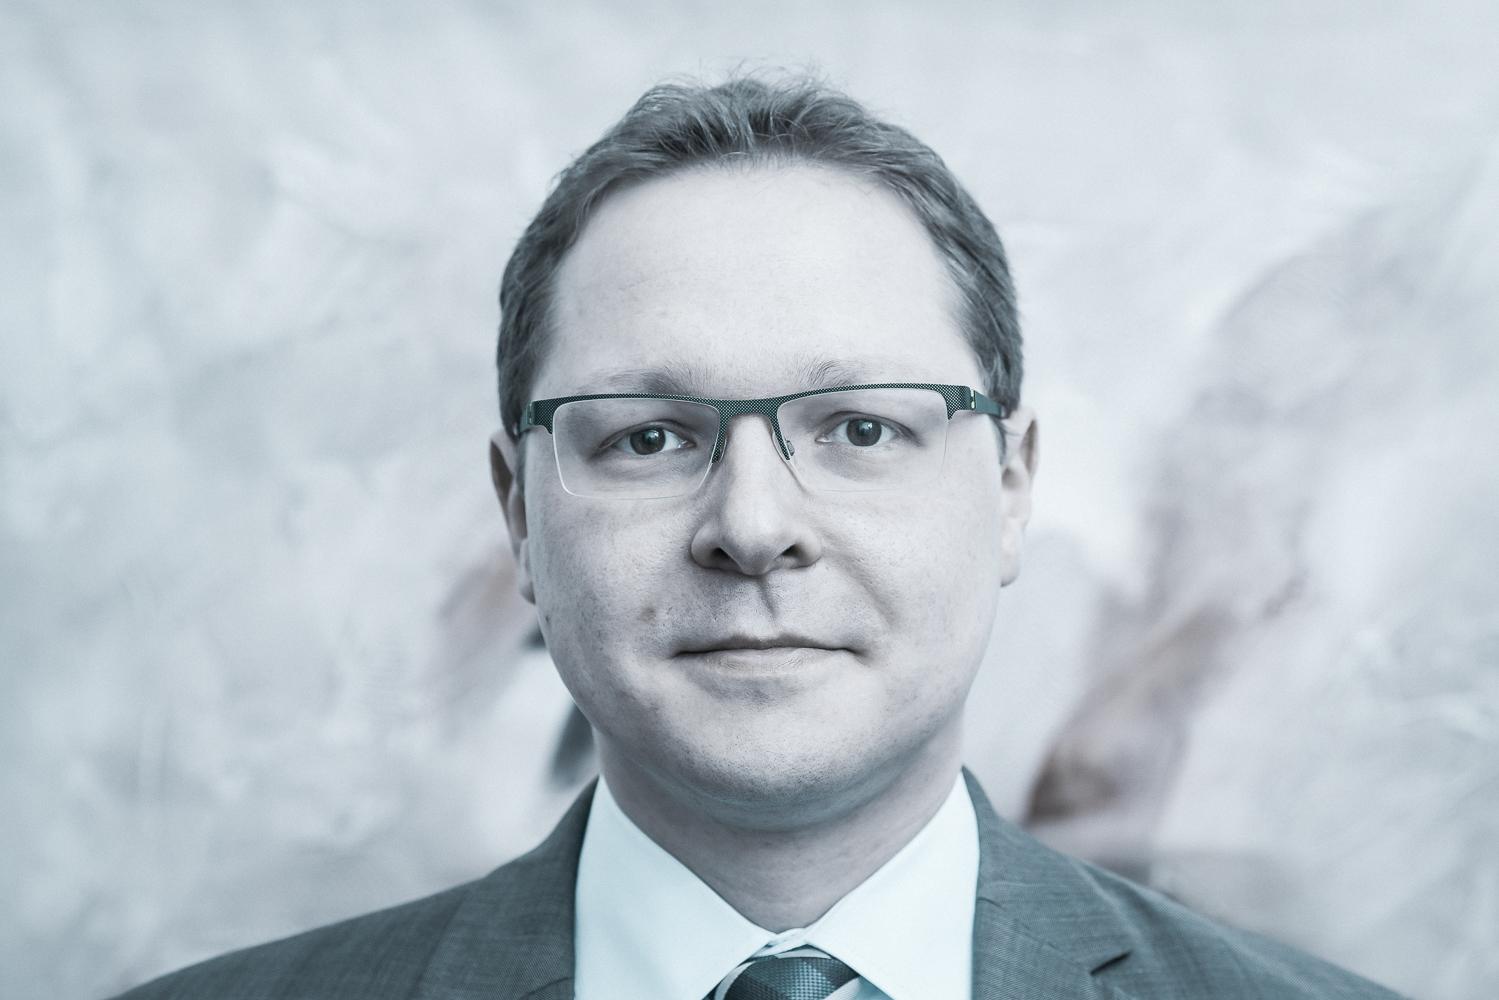 Адвокаты Бартель в Кёльне и Бергхайме, Германия - Адвокат Кристиан Шобер.